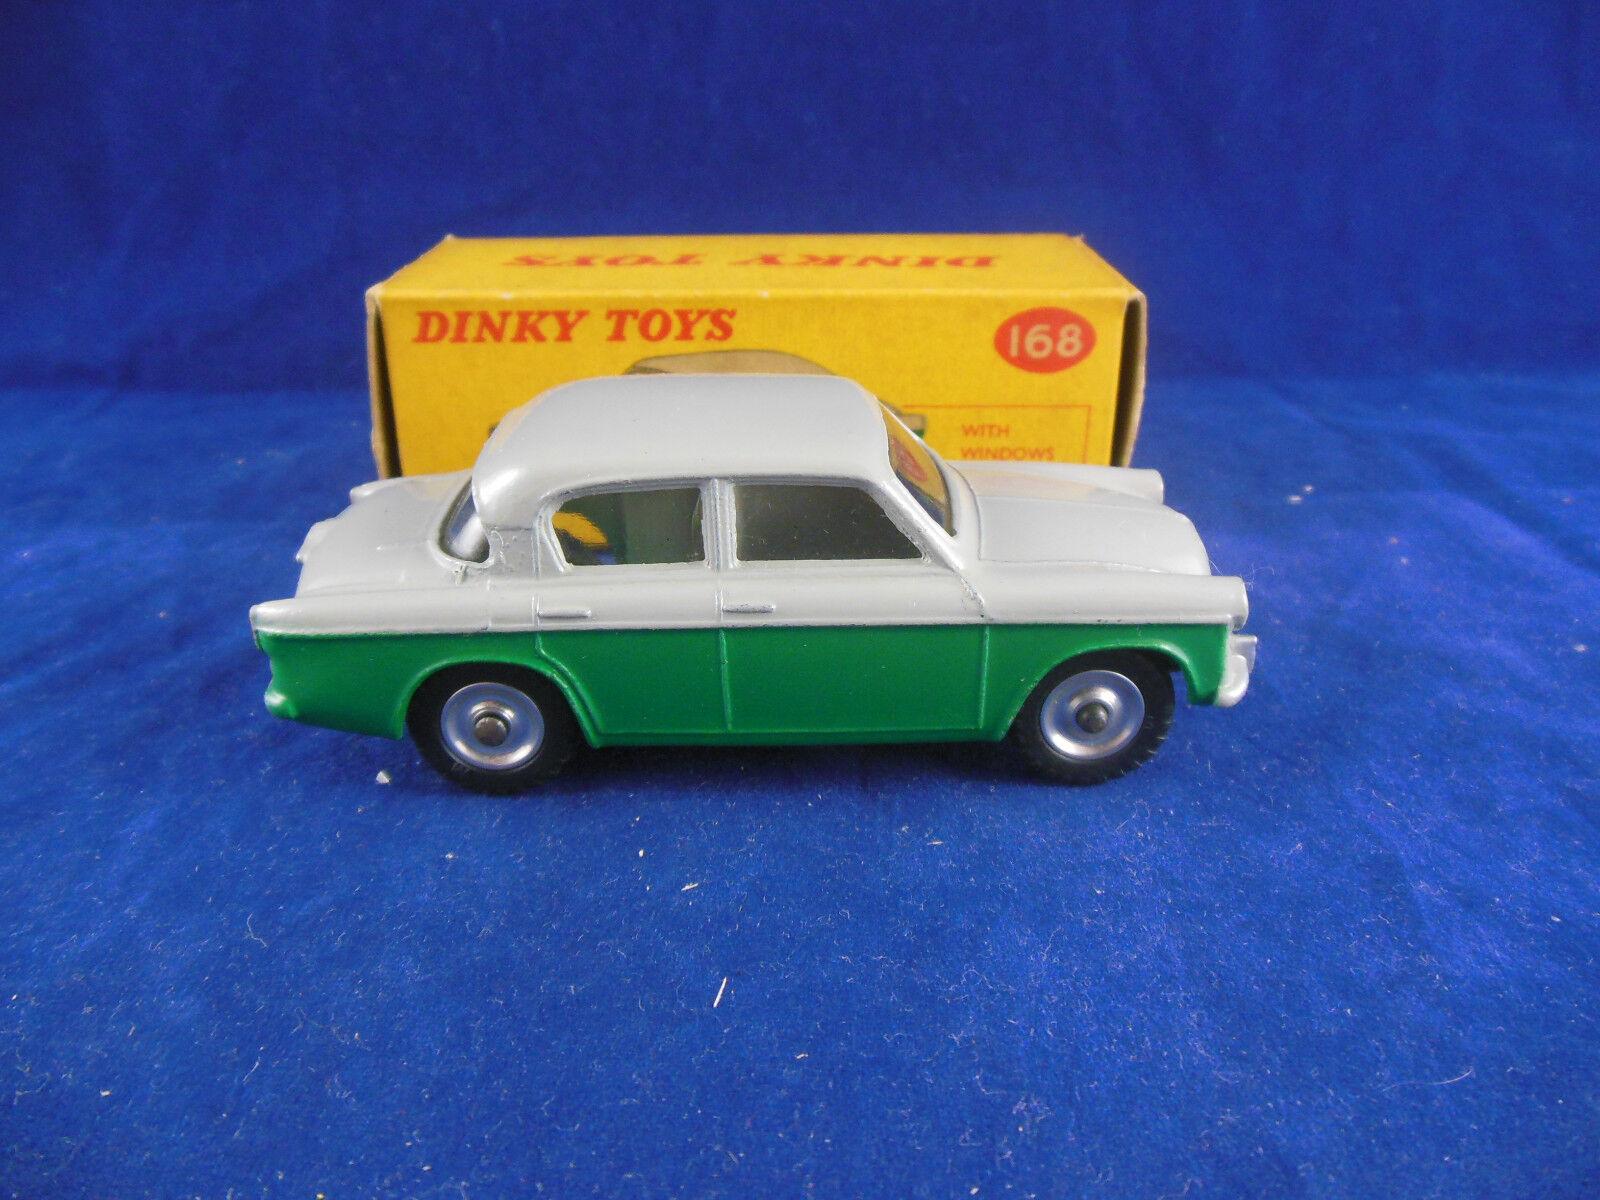 punto de venta de la marca Dinky Dinky Dinky Juguetes 168 cantante gacela en verde y gris excepcional Original & Excelente  suministramos lo mejor